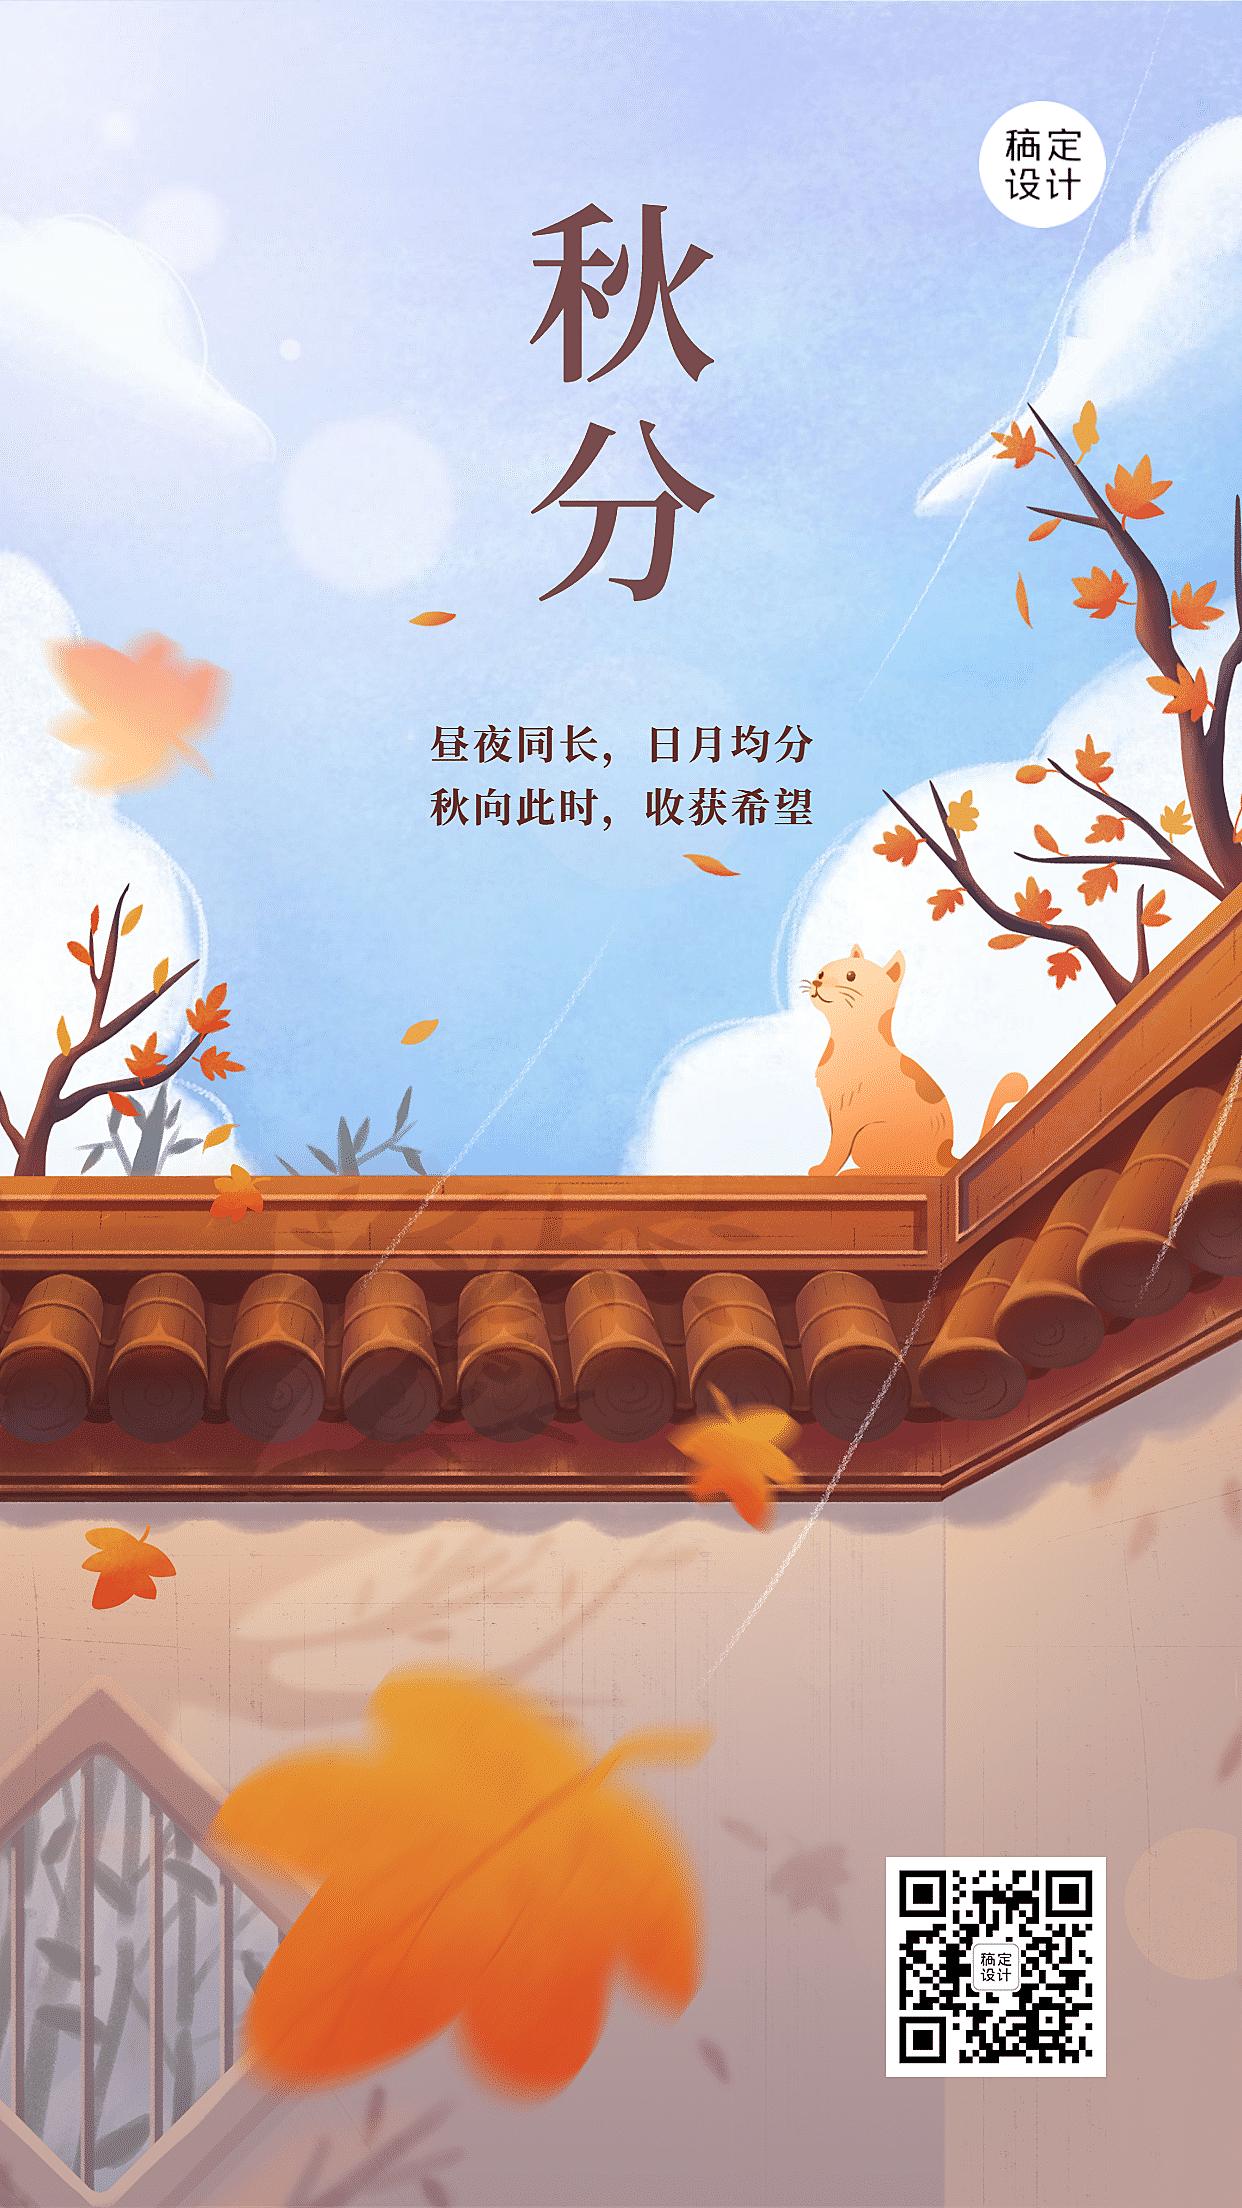 秋分节气秋天你好早安落叶手机海报